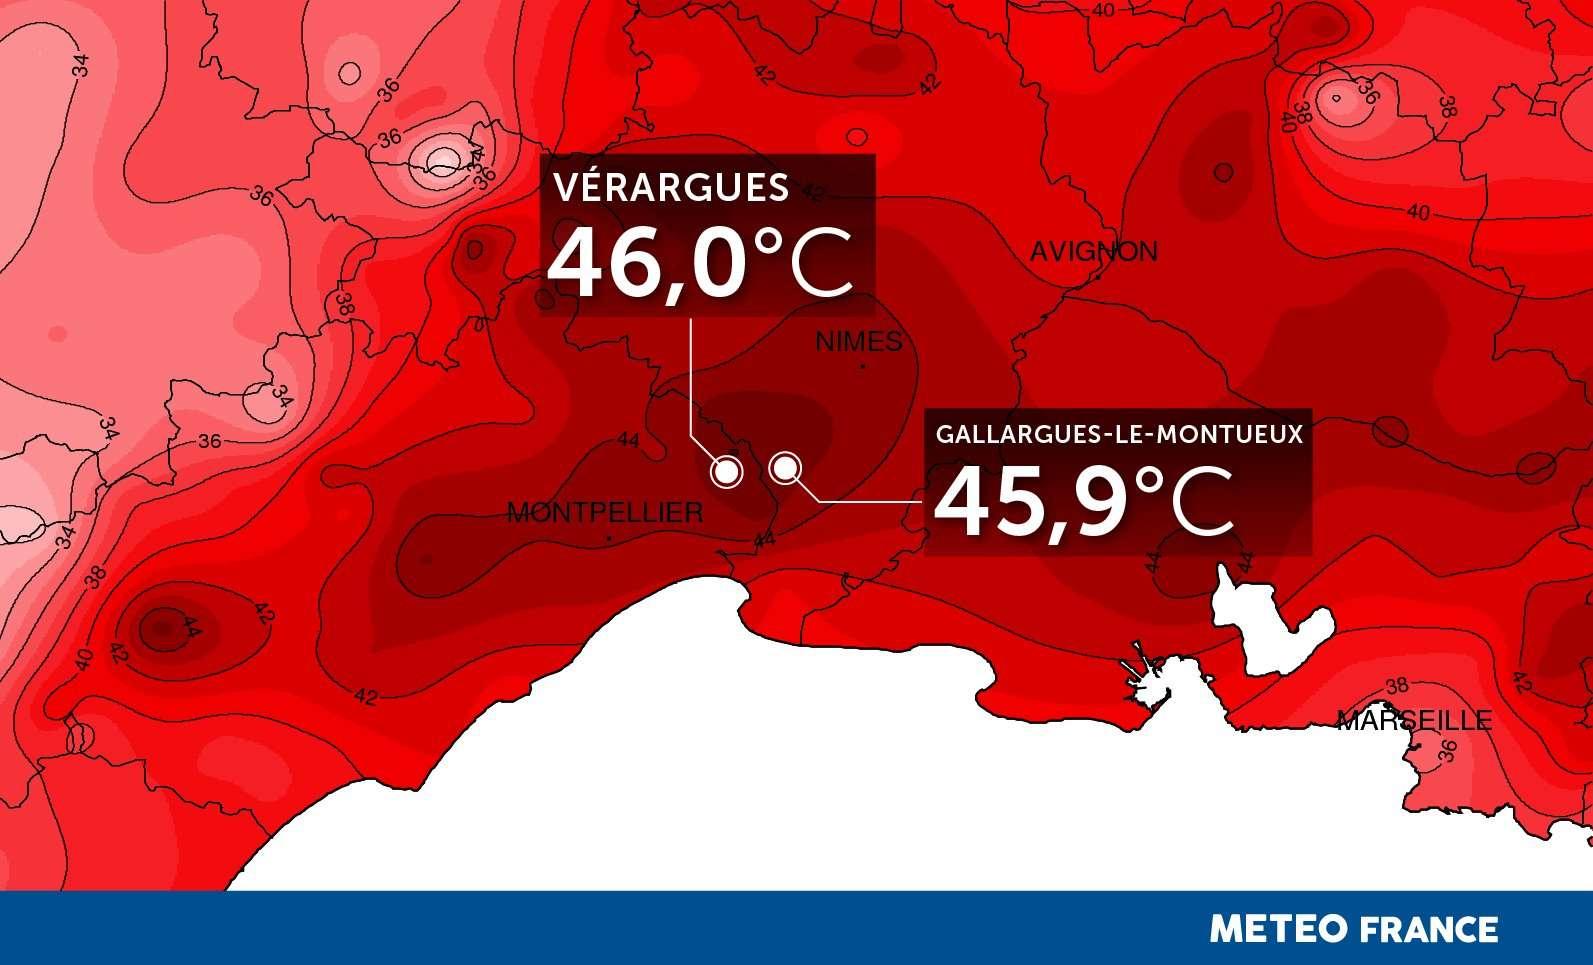 46 °C ! C'est le record de température maximale historique en France enregistré le 28 juin 2019 à Vérargues, dans l'Hérault, durant la canicule. © Météo-France